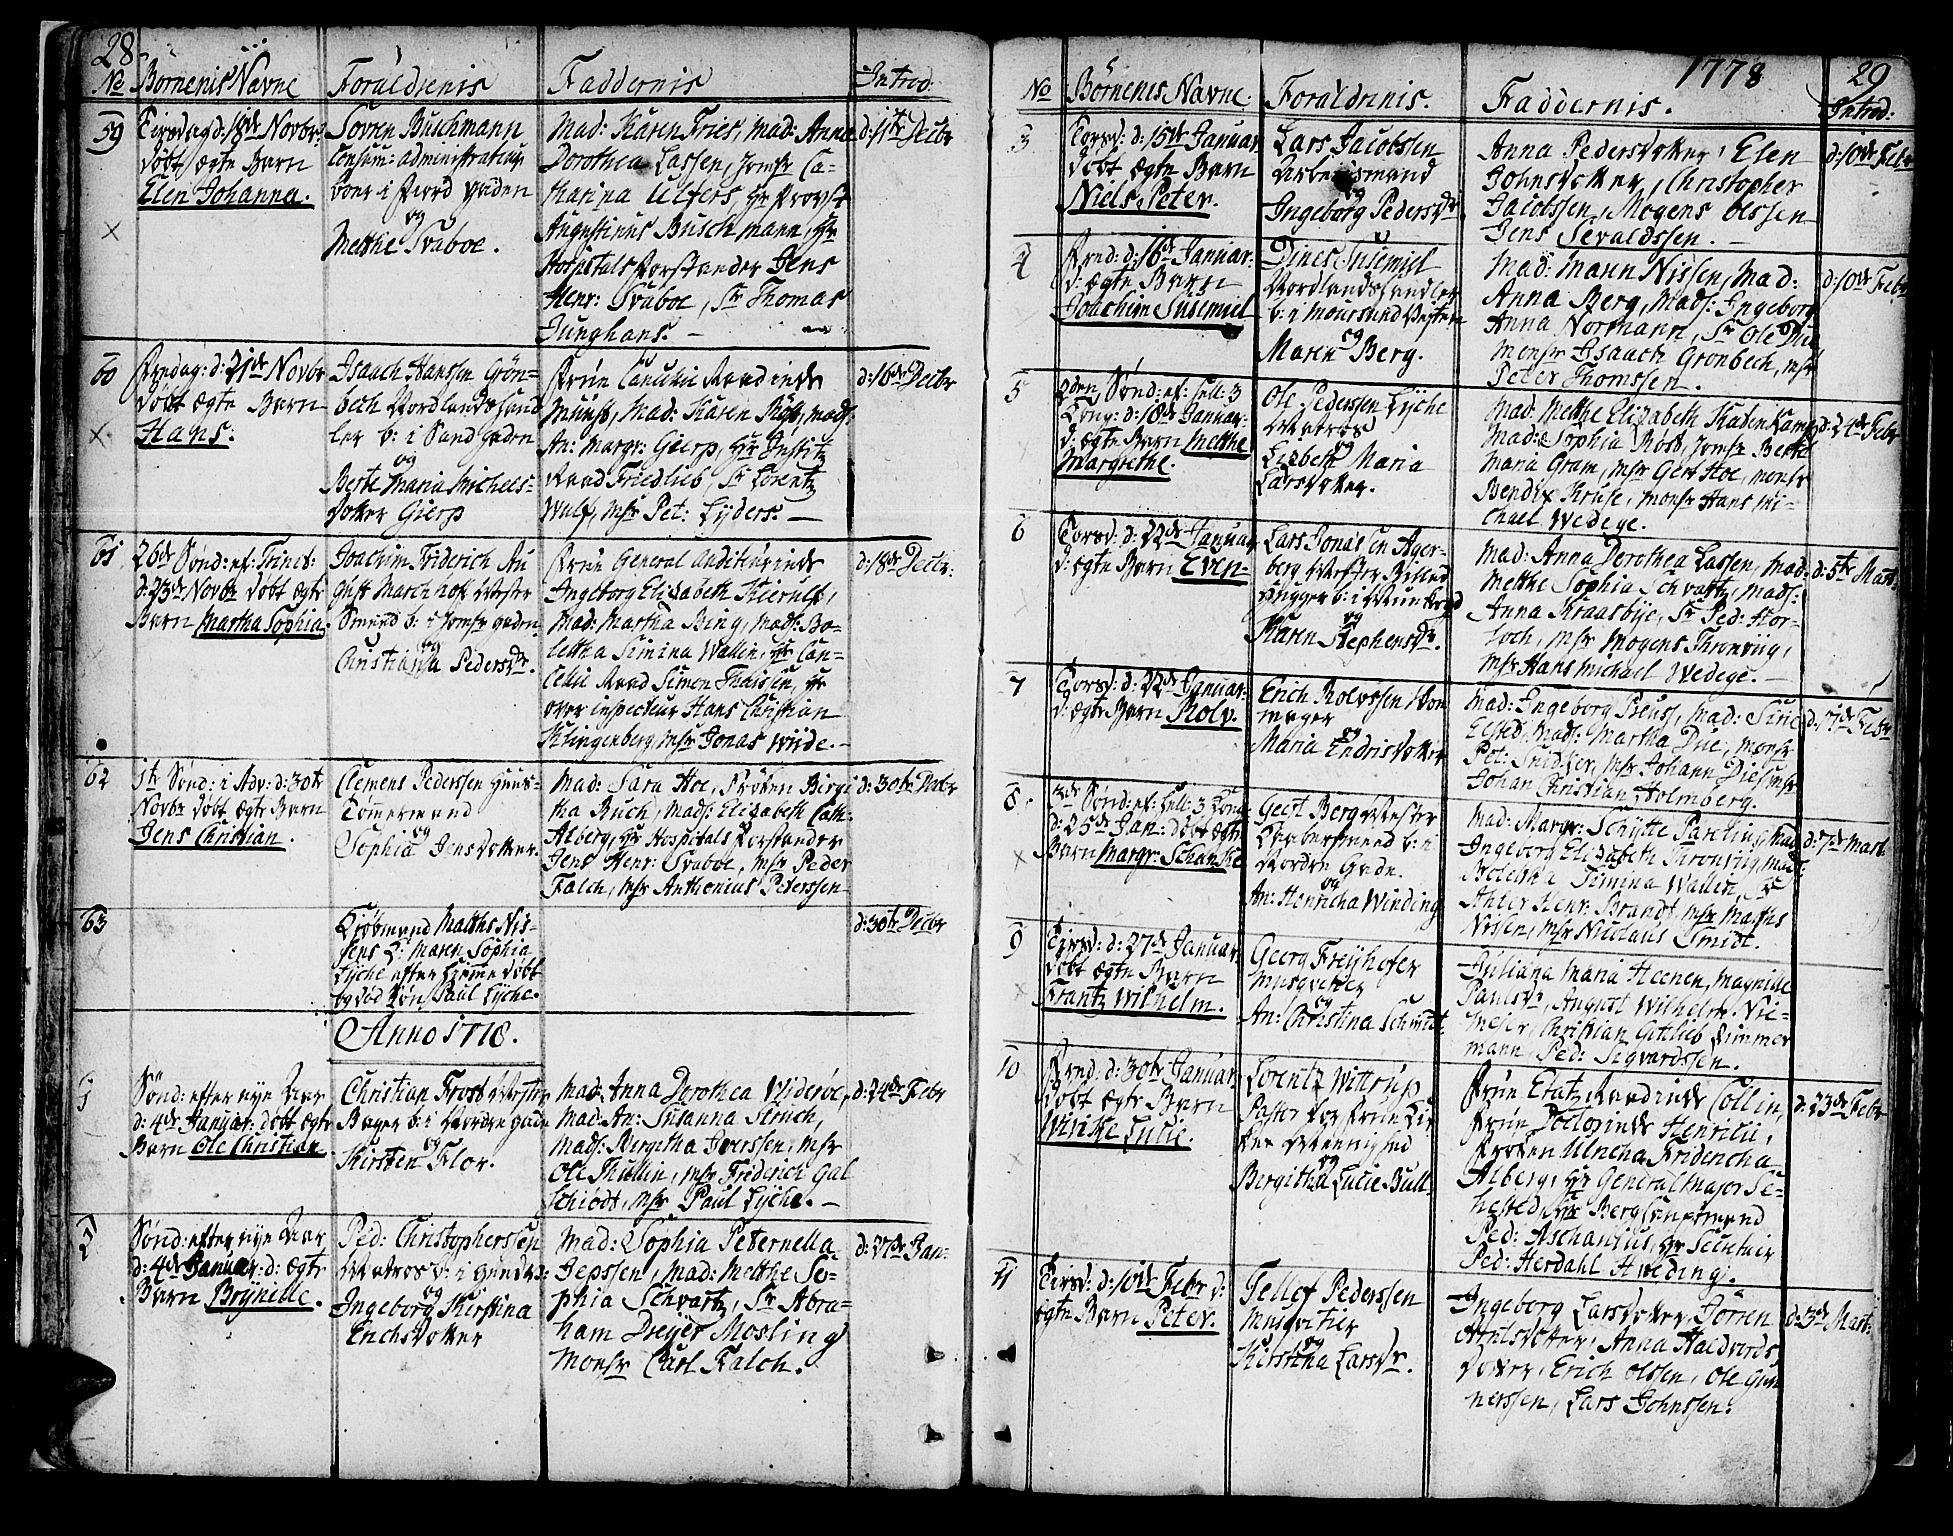 SAT, Ministerialprotokoller, klokkerbøker og fødselsregistre - Sør-Trøndelag, 602/L0104: Ministerialbok nr. 602A02, 1774-1814, s. 28-29